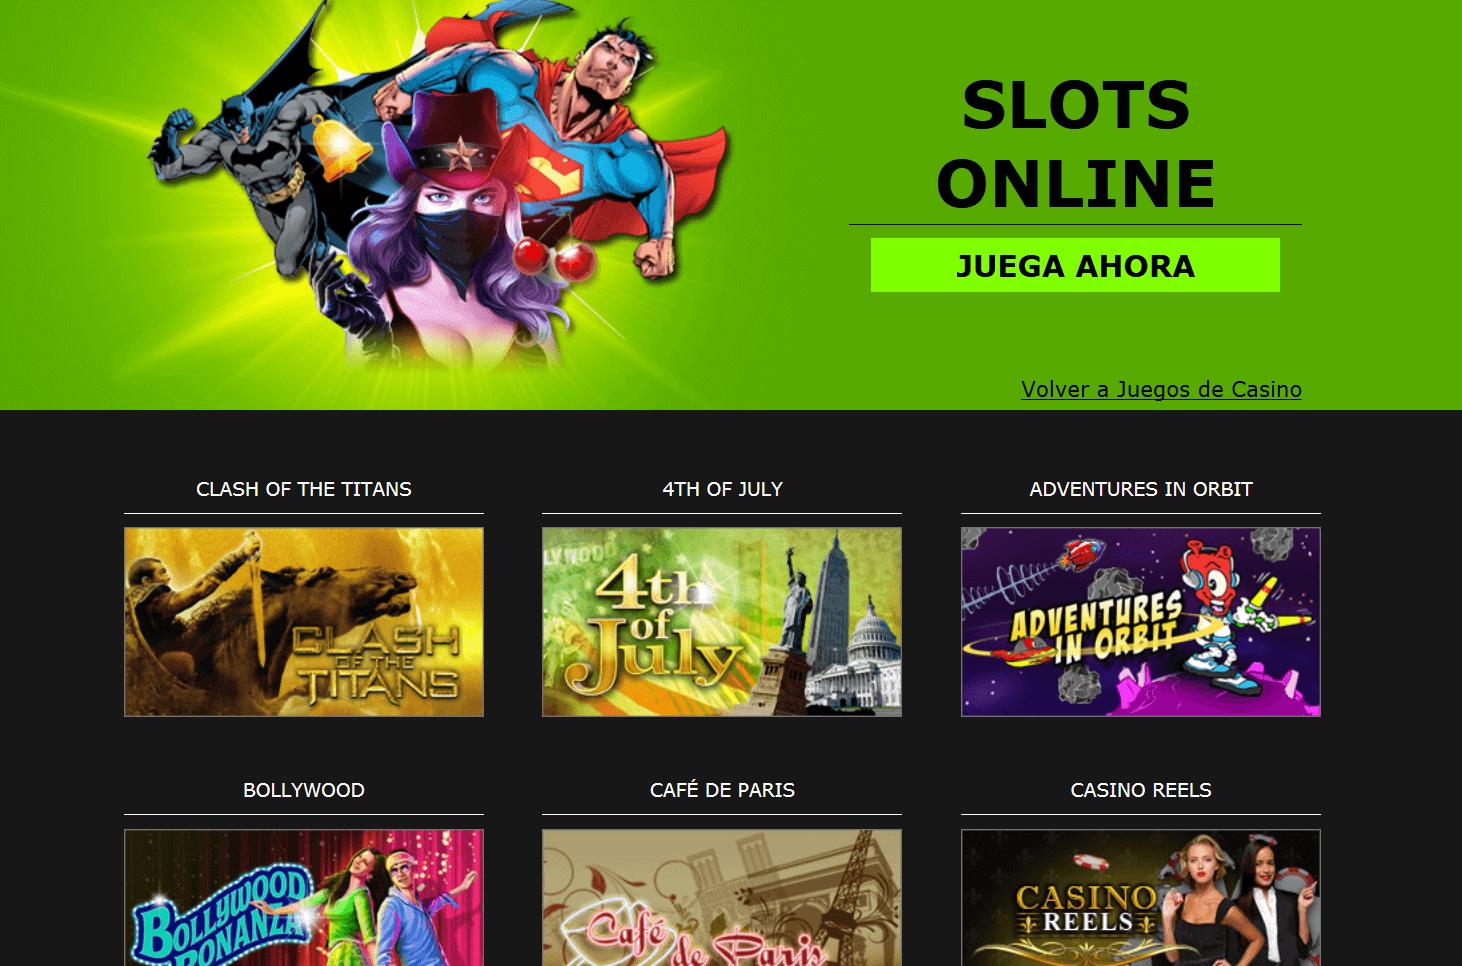 Promociones para jugadores latinos el mejor casino-937657